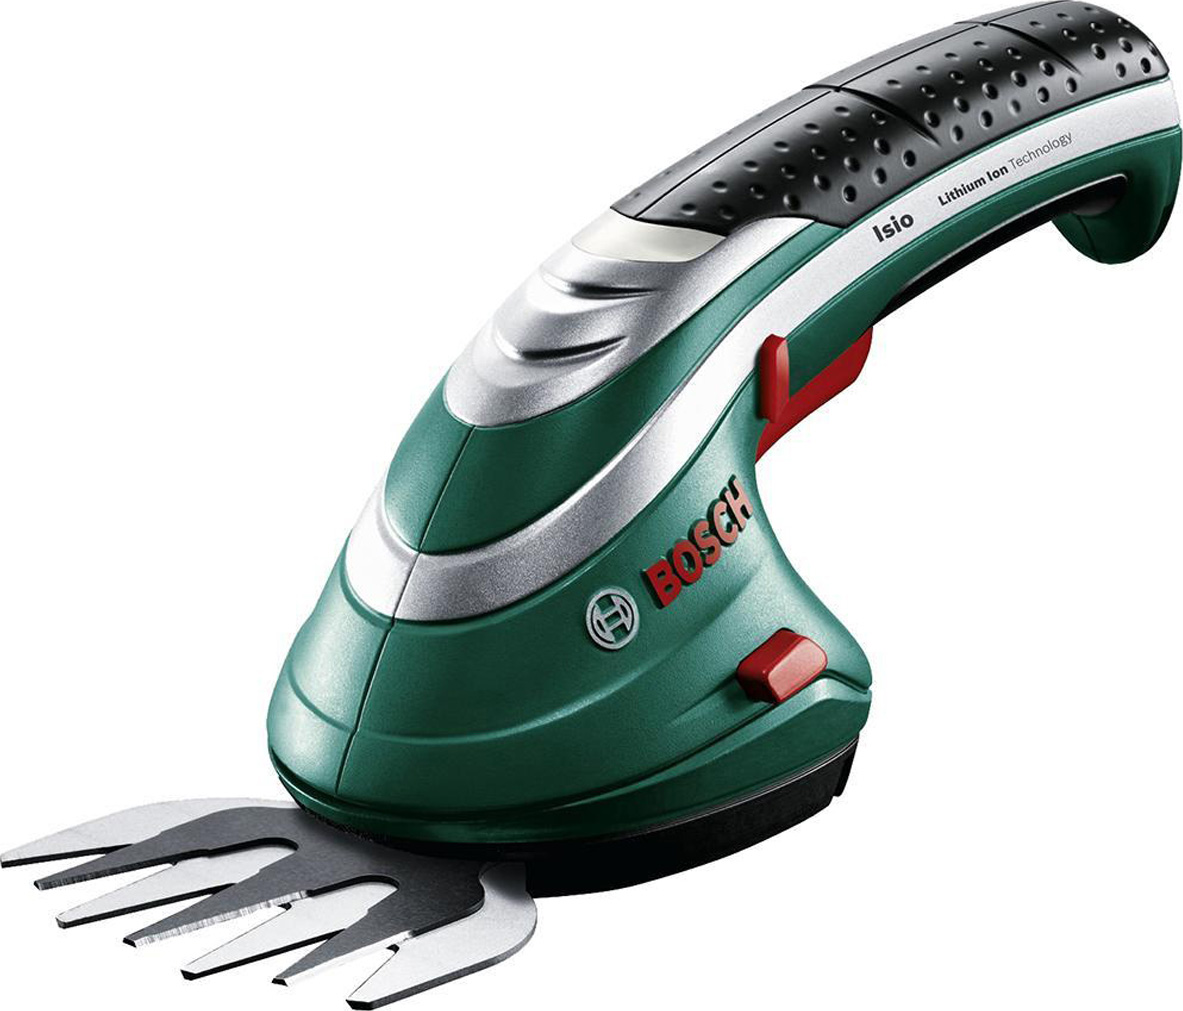 Аккумуляторные ножницы для травы Bosch ISIO 3+ чехол 0600833102 аккумуляторные ножницы bosch isio ручка 0 600 833 105